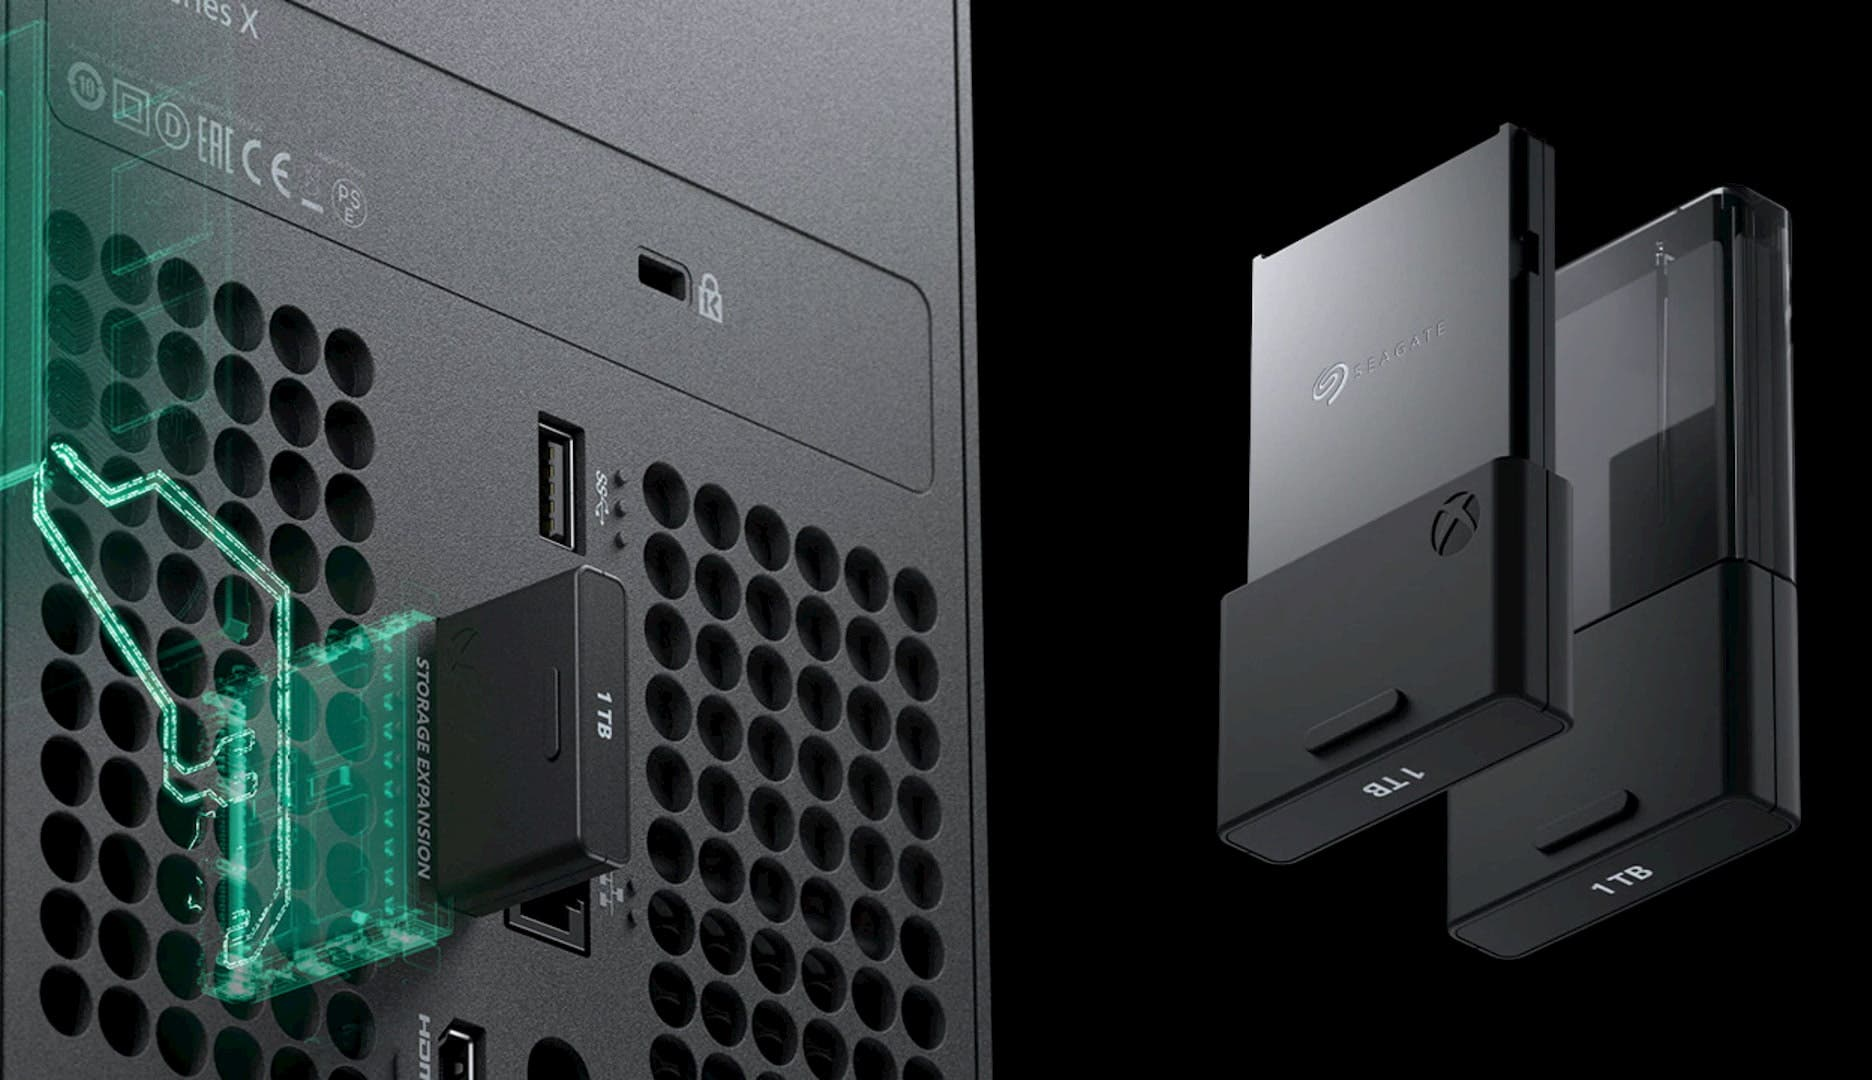 Las reservas de la tarjeta de memoria de Xbox Series X confirman su alto precio 6